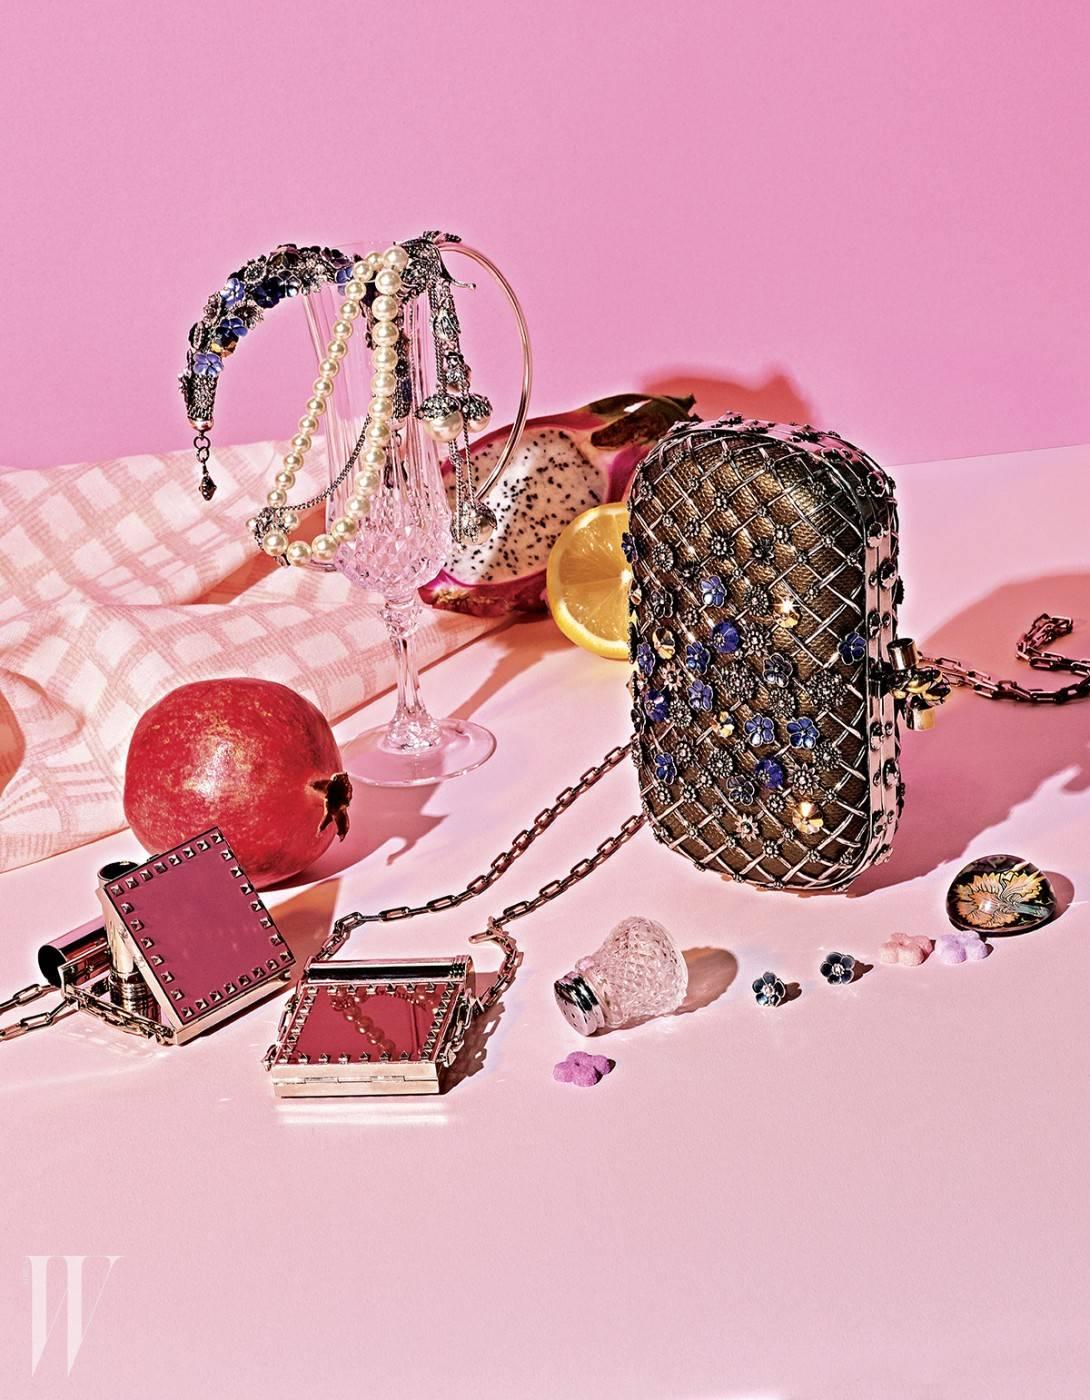 위부터 시계 방향 | 정교한 꽃 장식의 메탈 팔찌는 Bottega Veneta, 고풍스러운 진주 장식 목걸이와 귀고리는 Escada, 카룽 가죽 위에 메탈 장식을 한 뒤 섬세한 꽃 장식으로 여성스러운 매력을 더한 놋(knot) 클러치는 Bottega Veneta, 미니 꽃 귀고리는 Bottega Veneta, 립스틱을 휴대할 수 있는 락 스터드 장식의 미니 립스틱 백은 Valentino 제품.